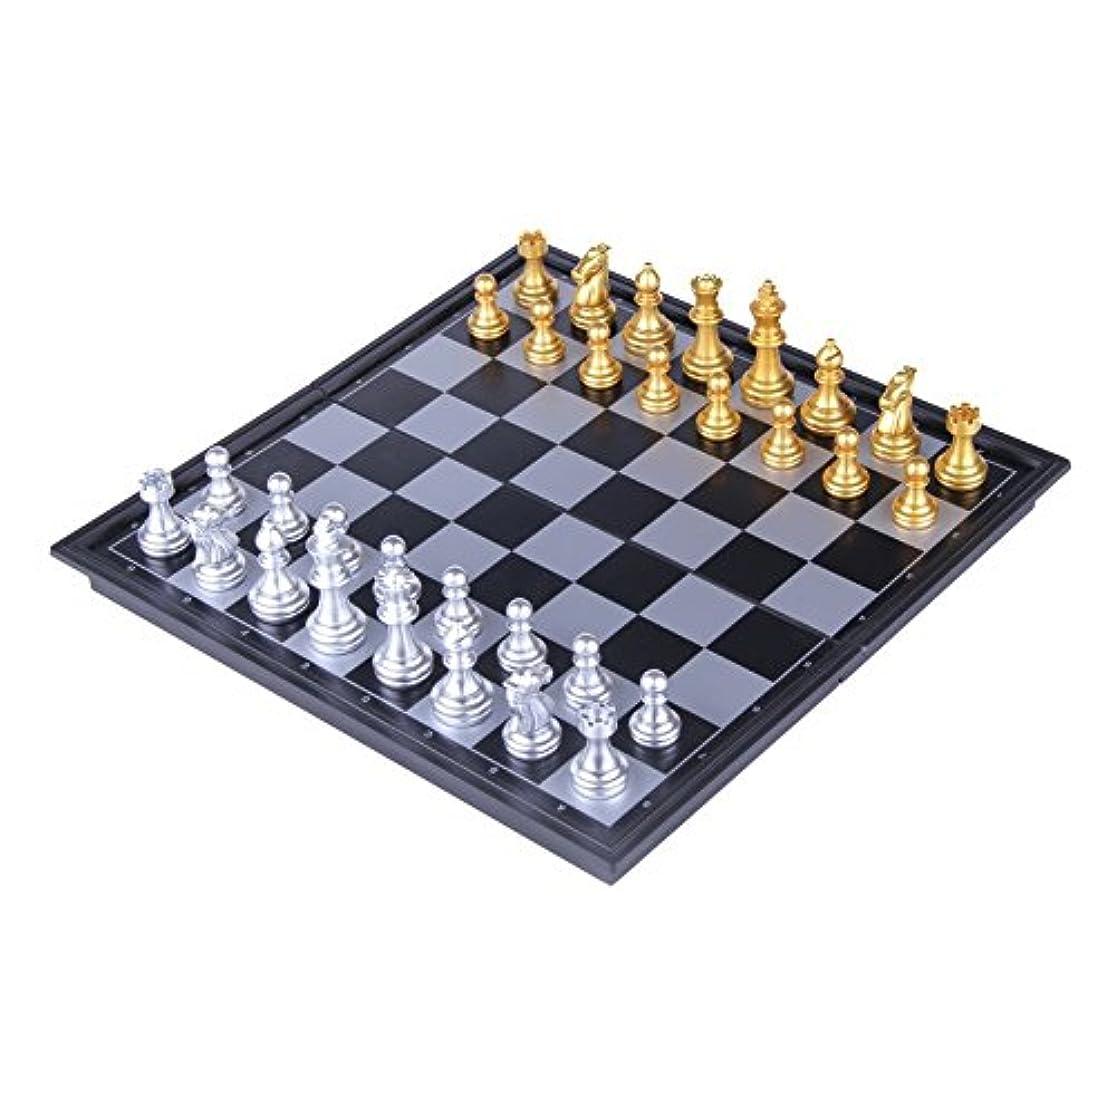 実業家スリップシューズ普通に若い、軽量、金色、銀色、大の子供用折りたたみ式ボード付きトラベル磁気チェス